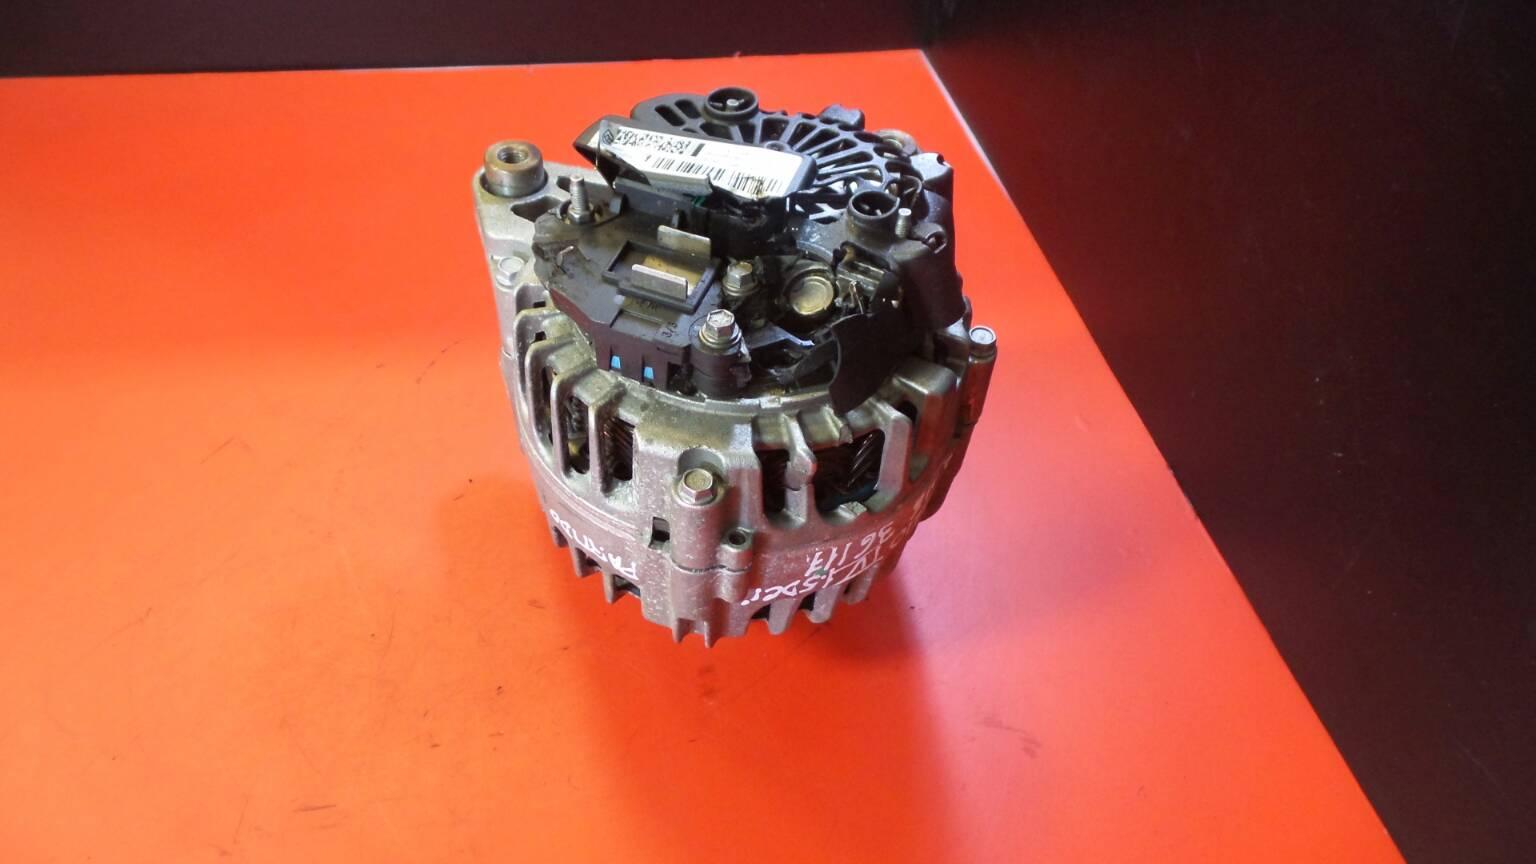 Centralina do Motor | ECU VOLKSWAGEN PASSAT (3B3) | 00 - 05